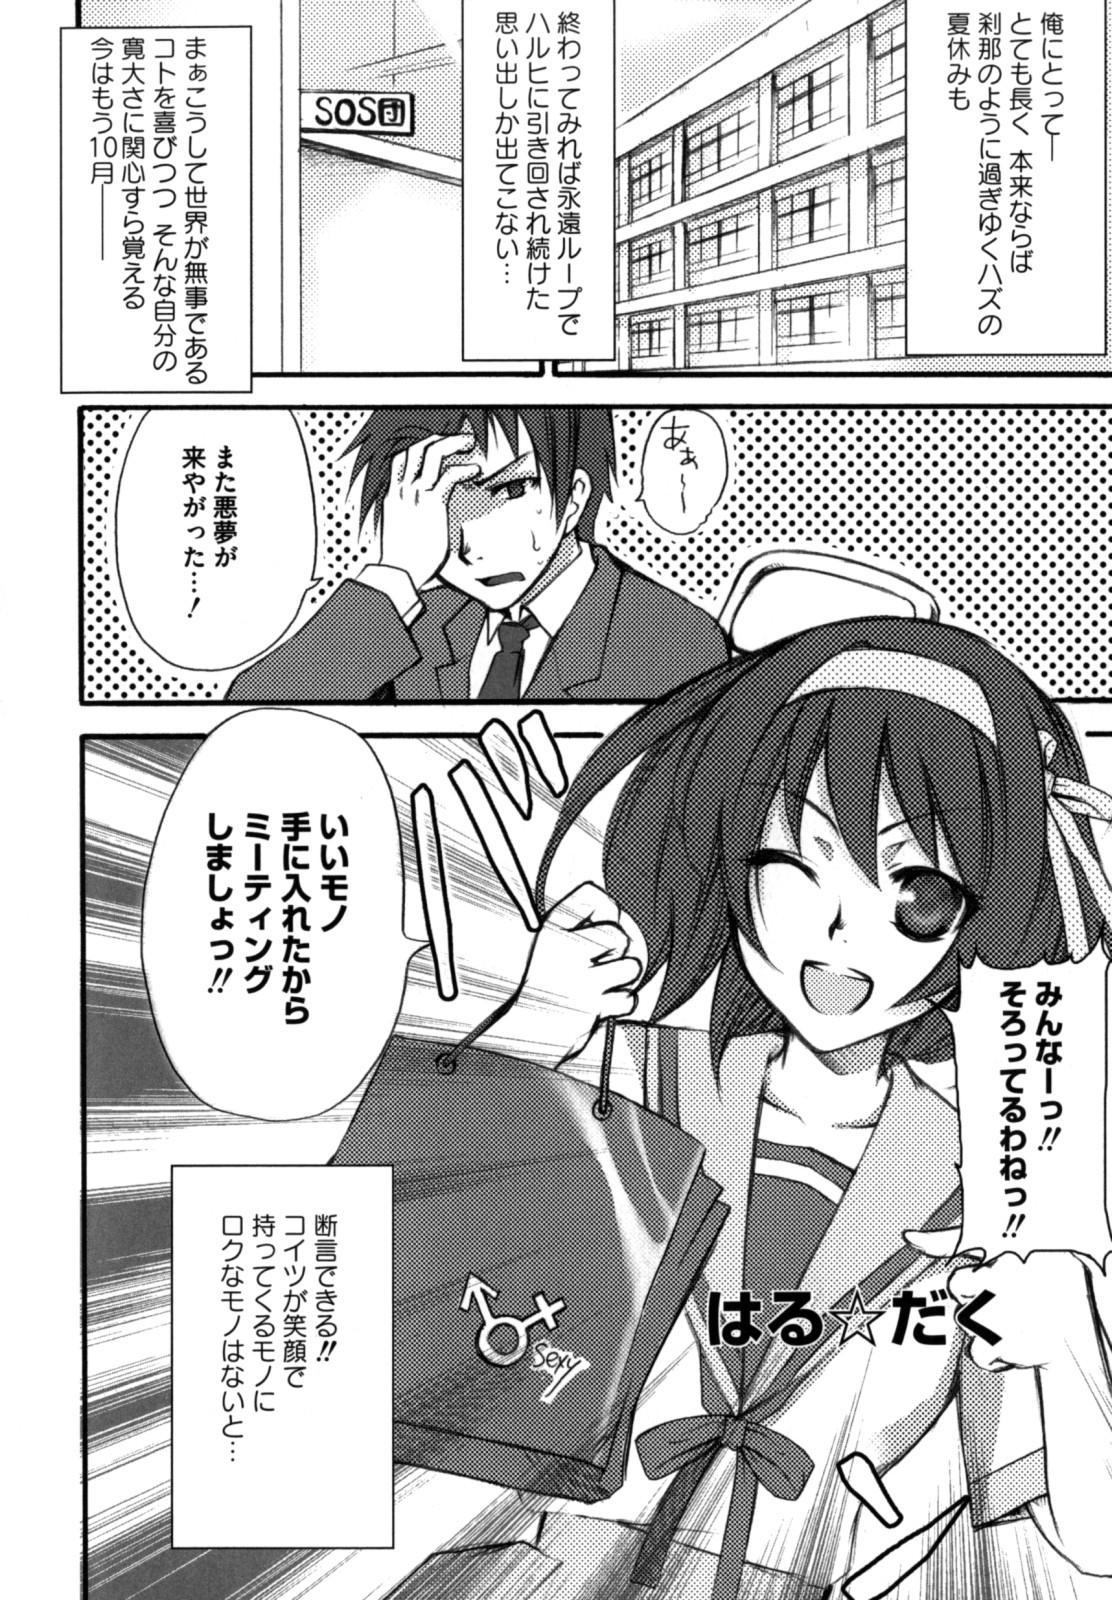 Shikijou no Erosu 57